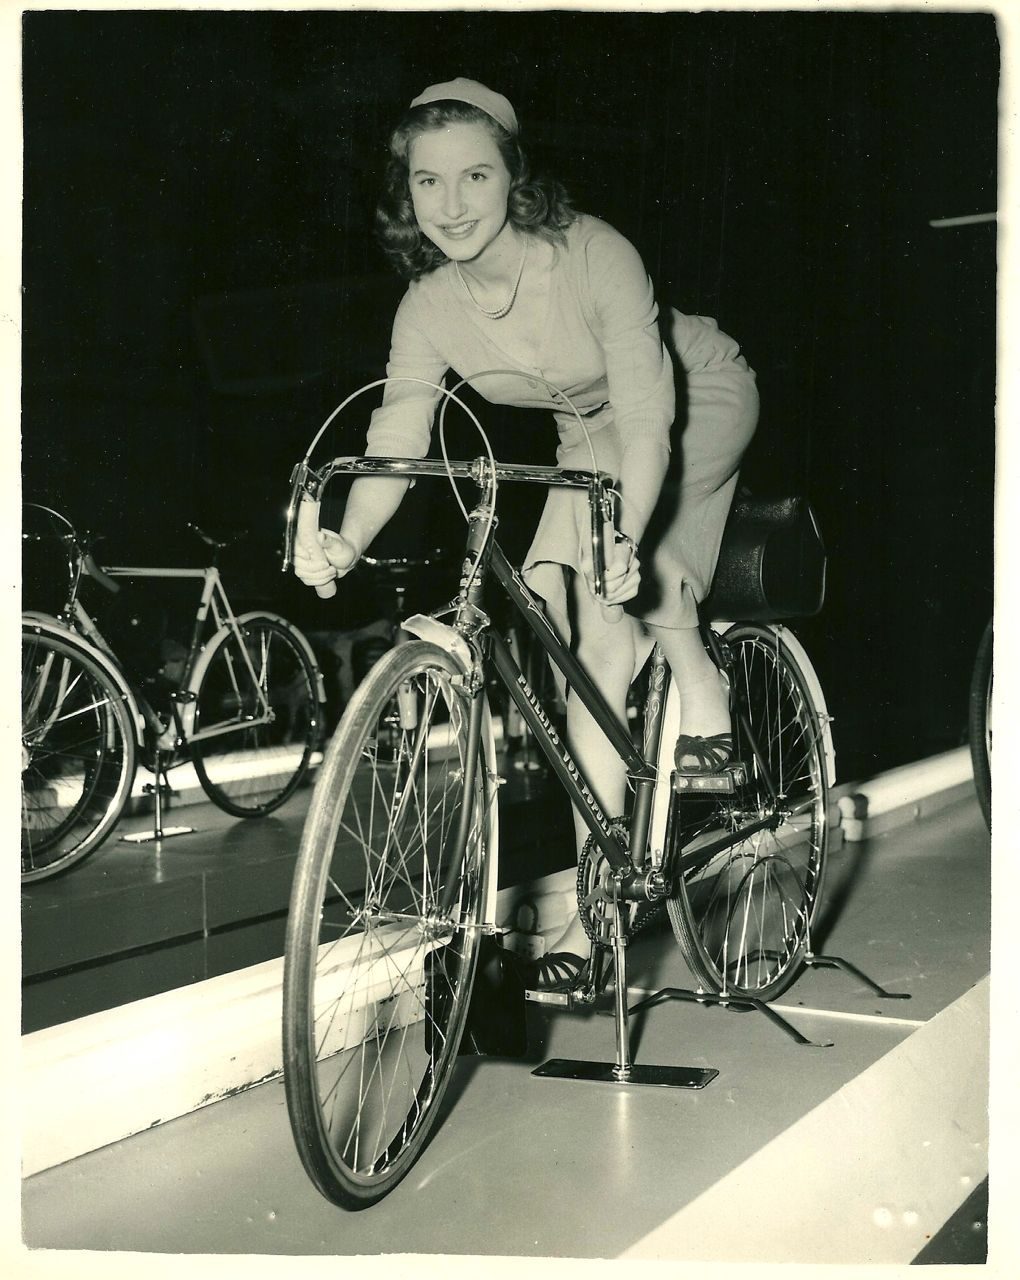 Valerie Carton monta en una bici estacionada. (1953)